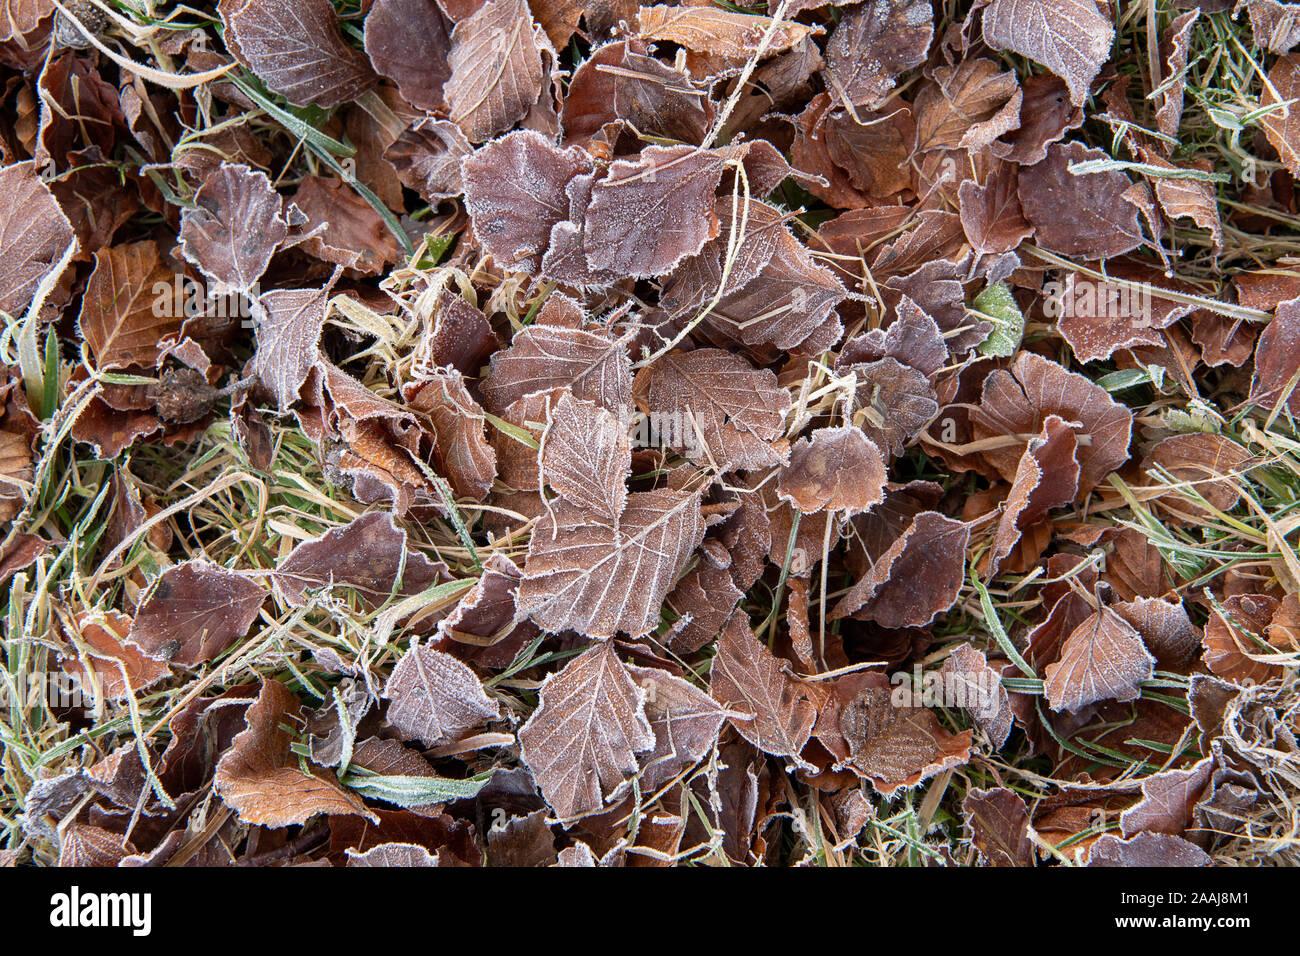 Feuilles de hêtre sur marbre recouvert de givre sur un matin à la fin de l'automne. North Yorkshire, UK. Banque D'Images